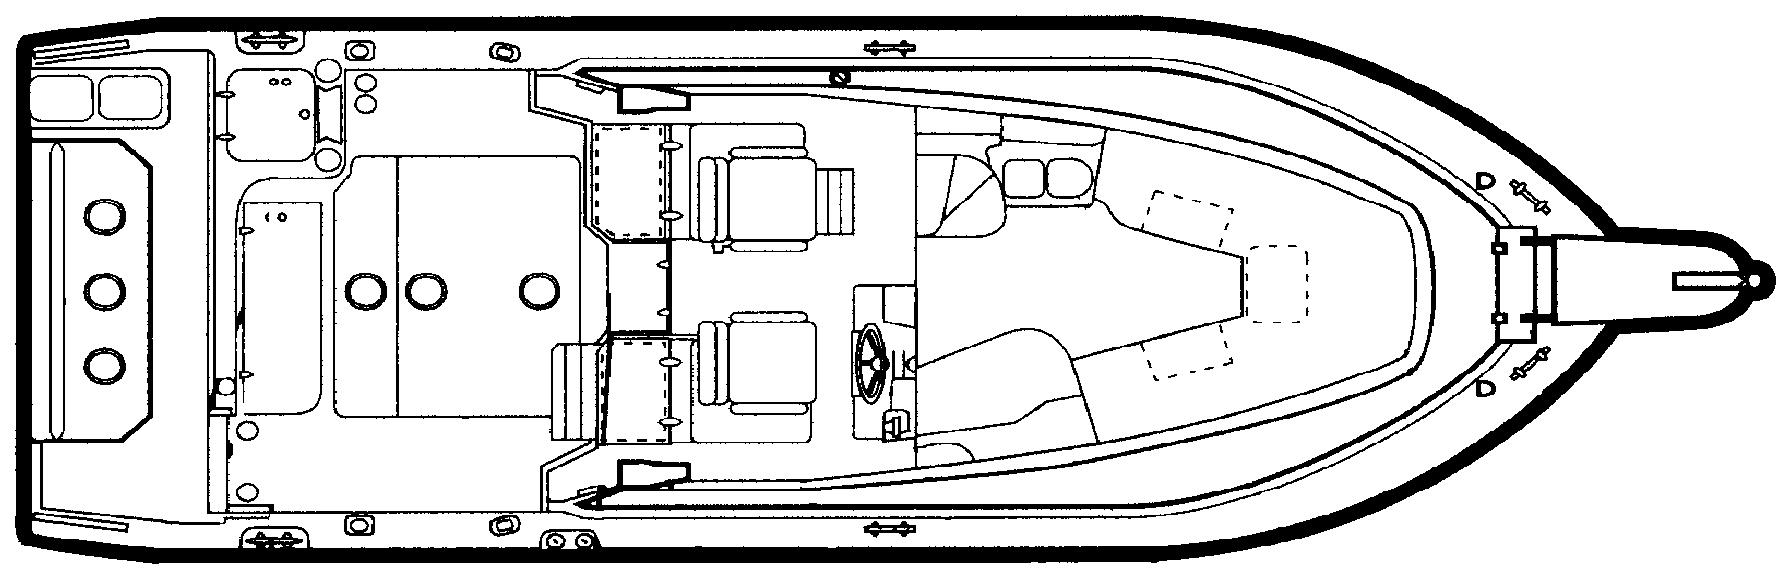 300 Marlin Floor Plan 1